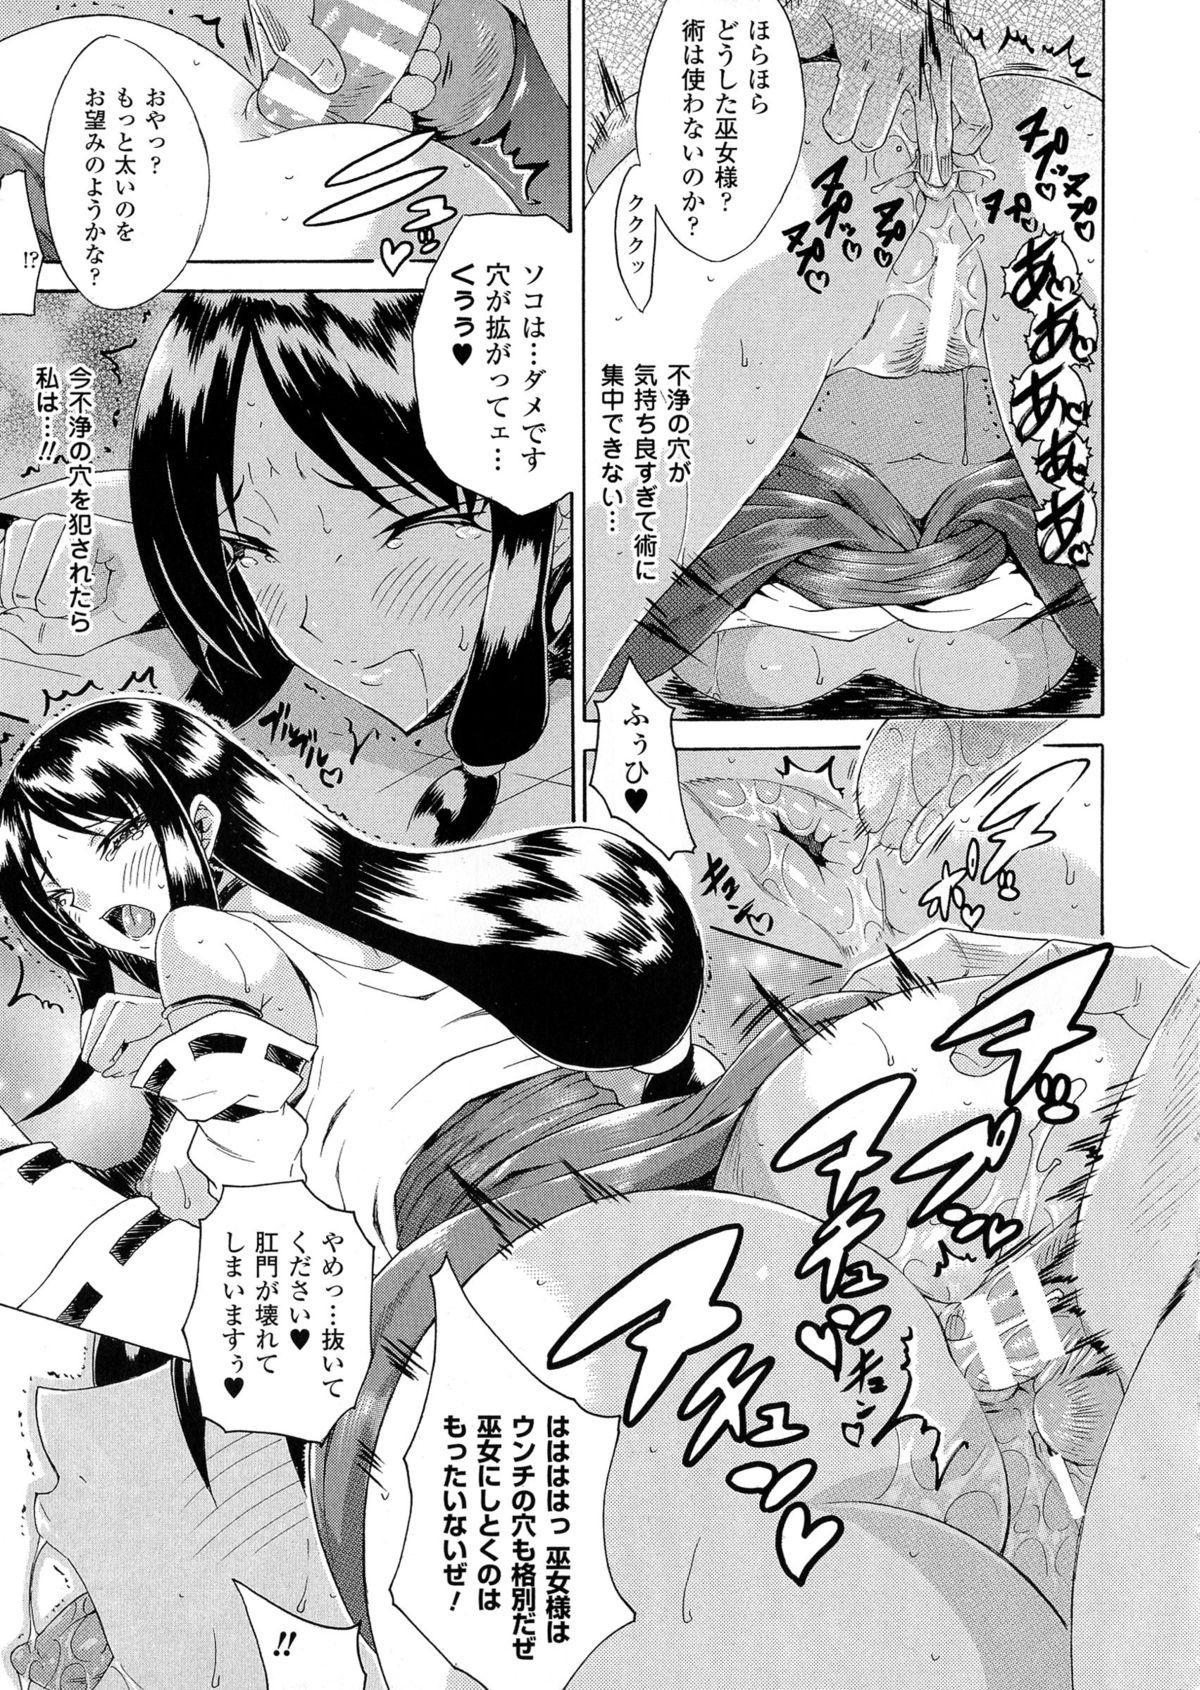 Kachiki na Onna ga Buzama na Ahegao o Sarasu made 134